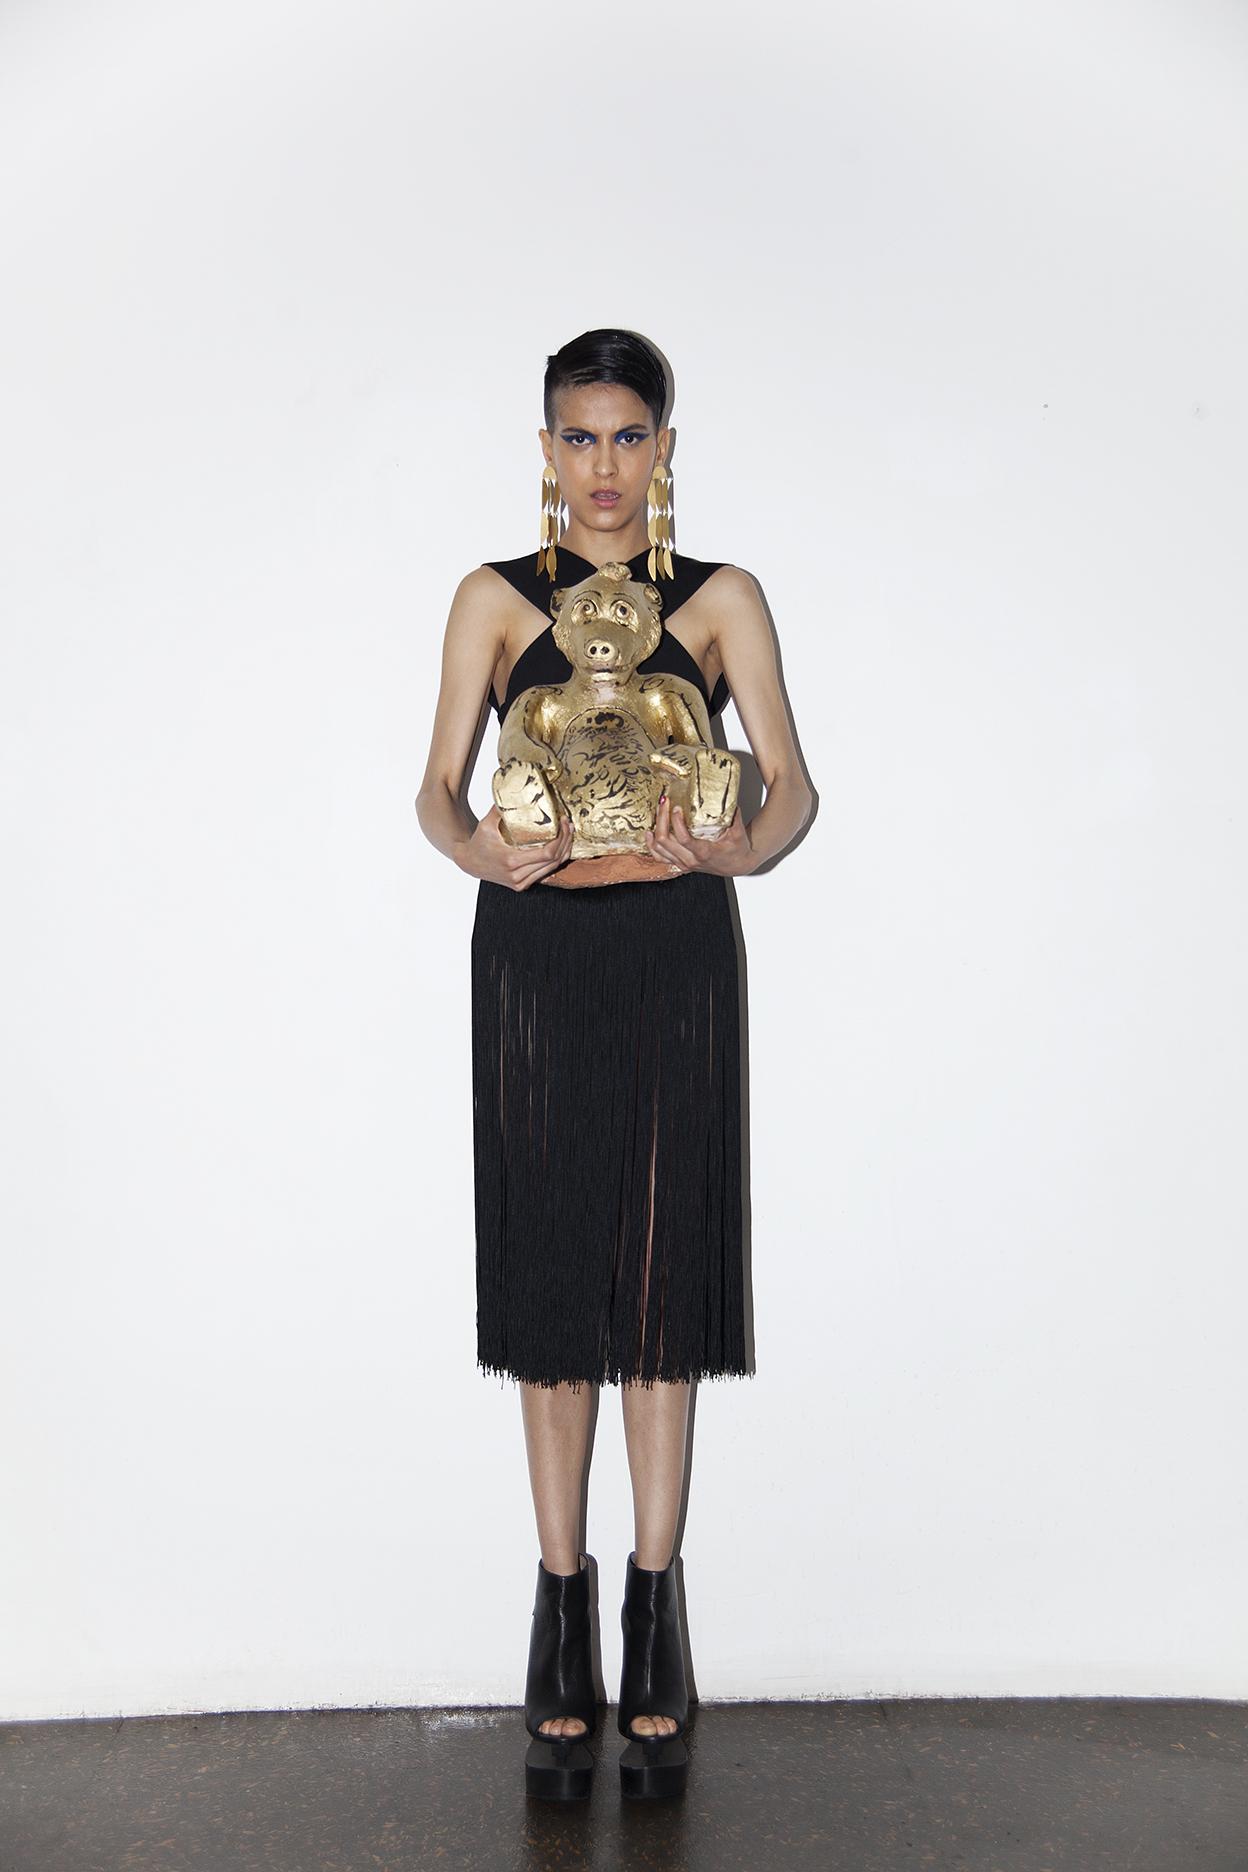 Vestido y zapatos de la estilista, pieza de arte  Lorenzo Núñez.